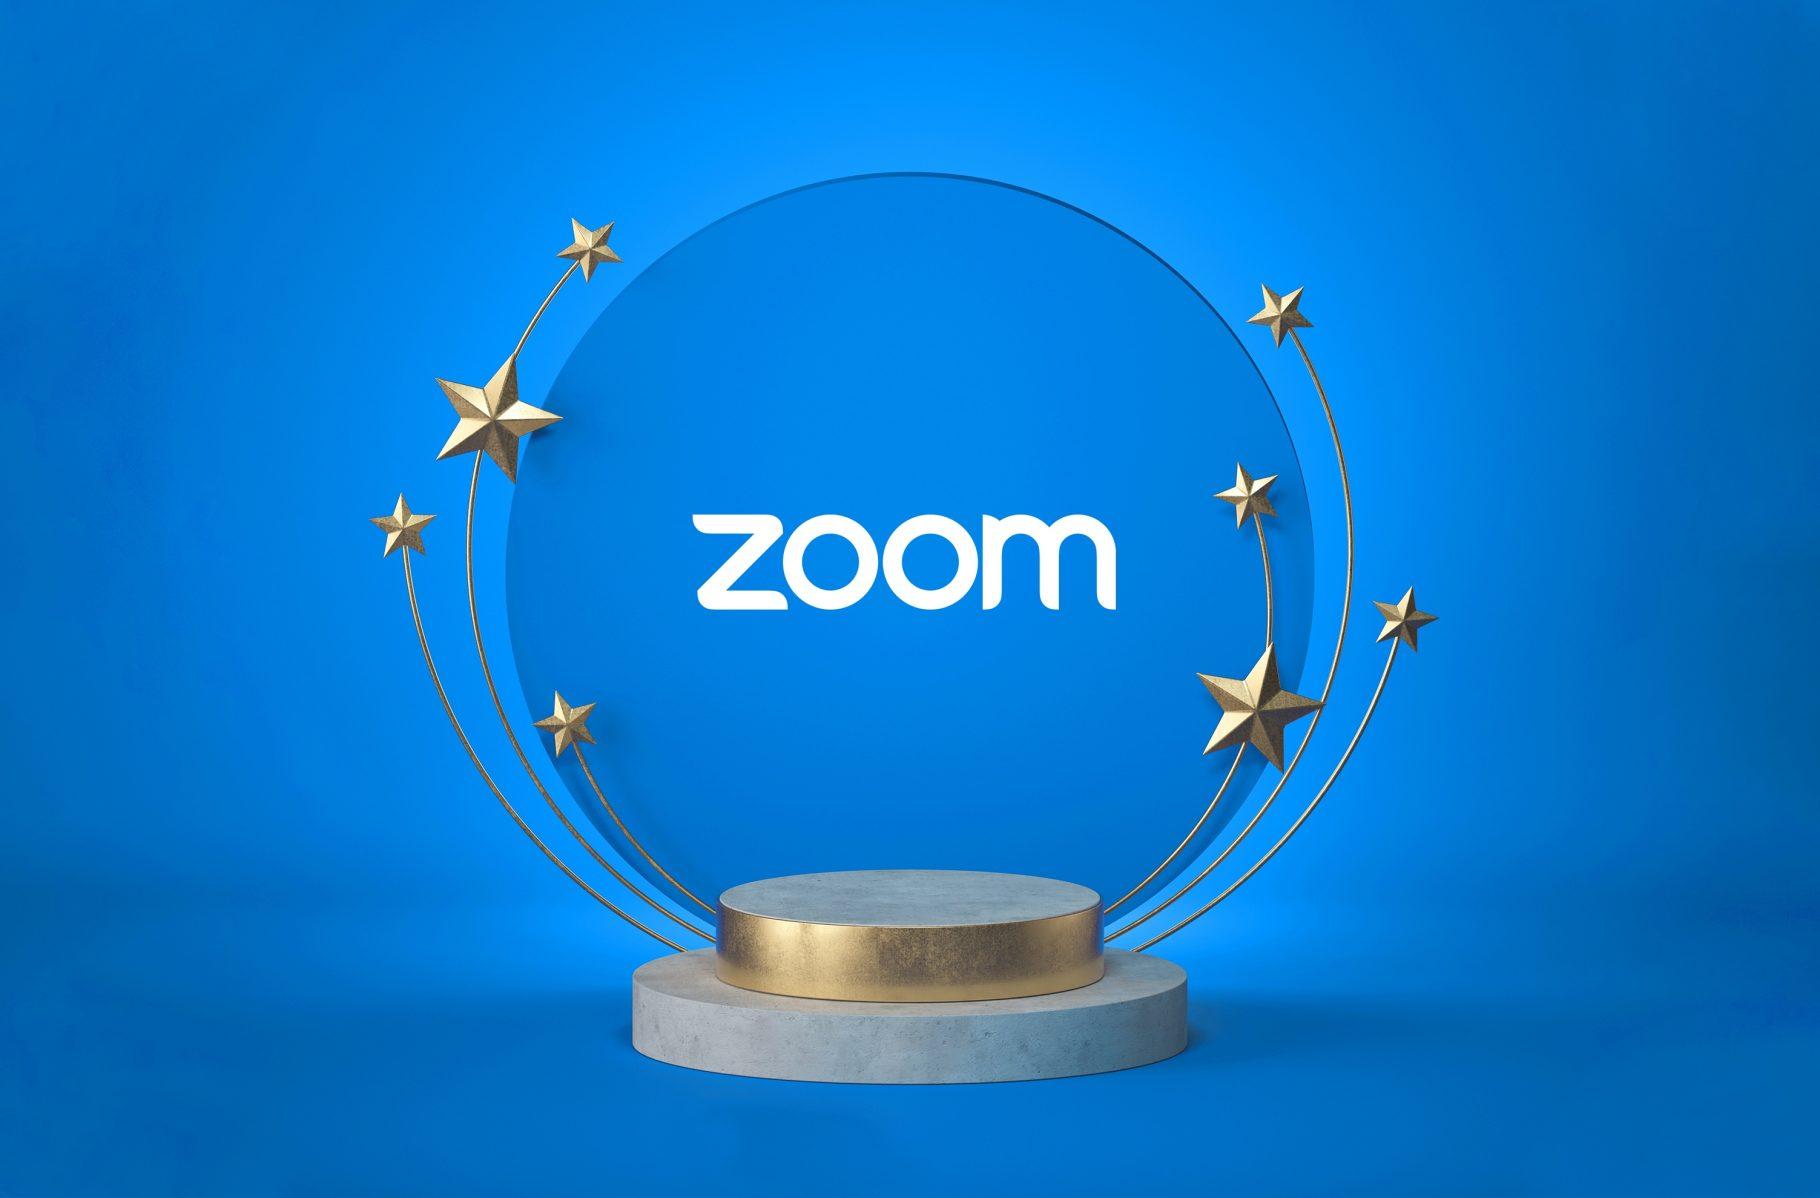 Zoom獲選為2021 年最佳幸福企業 !